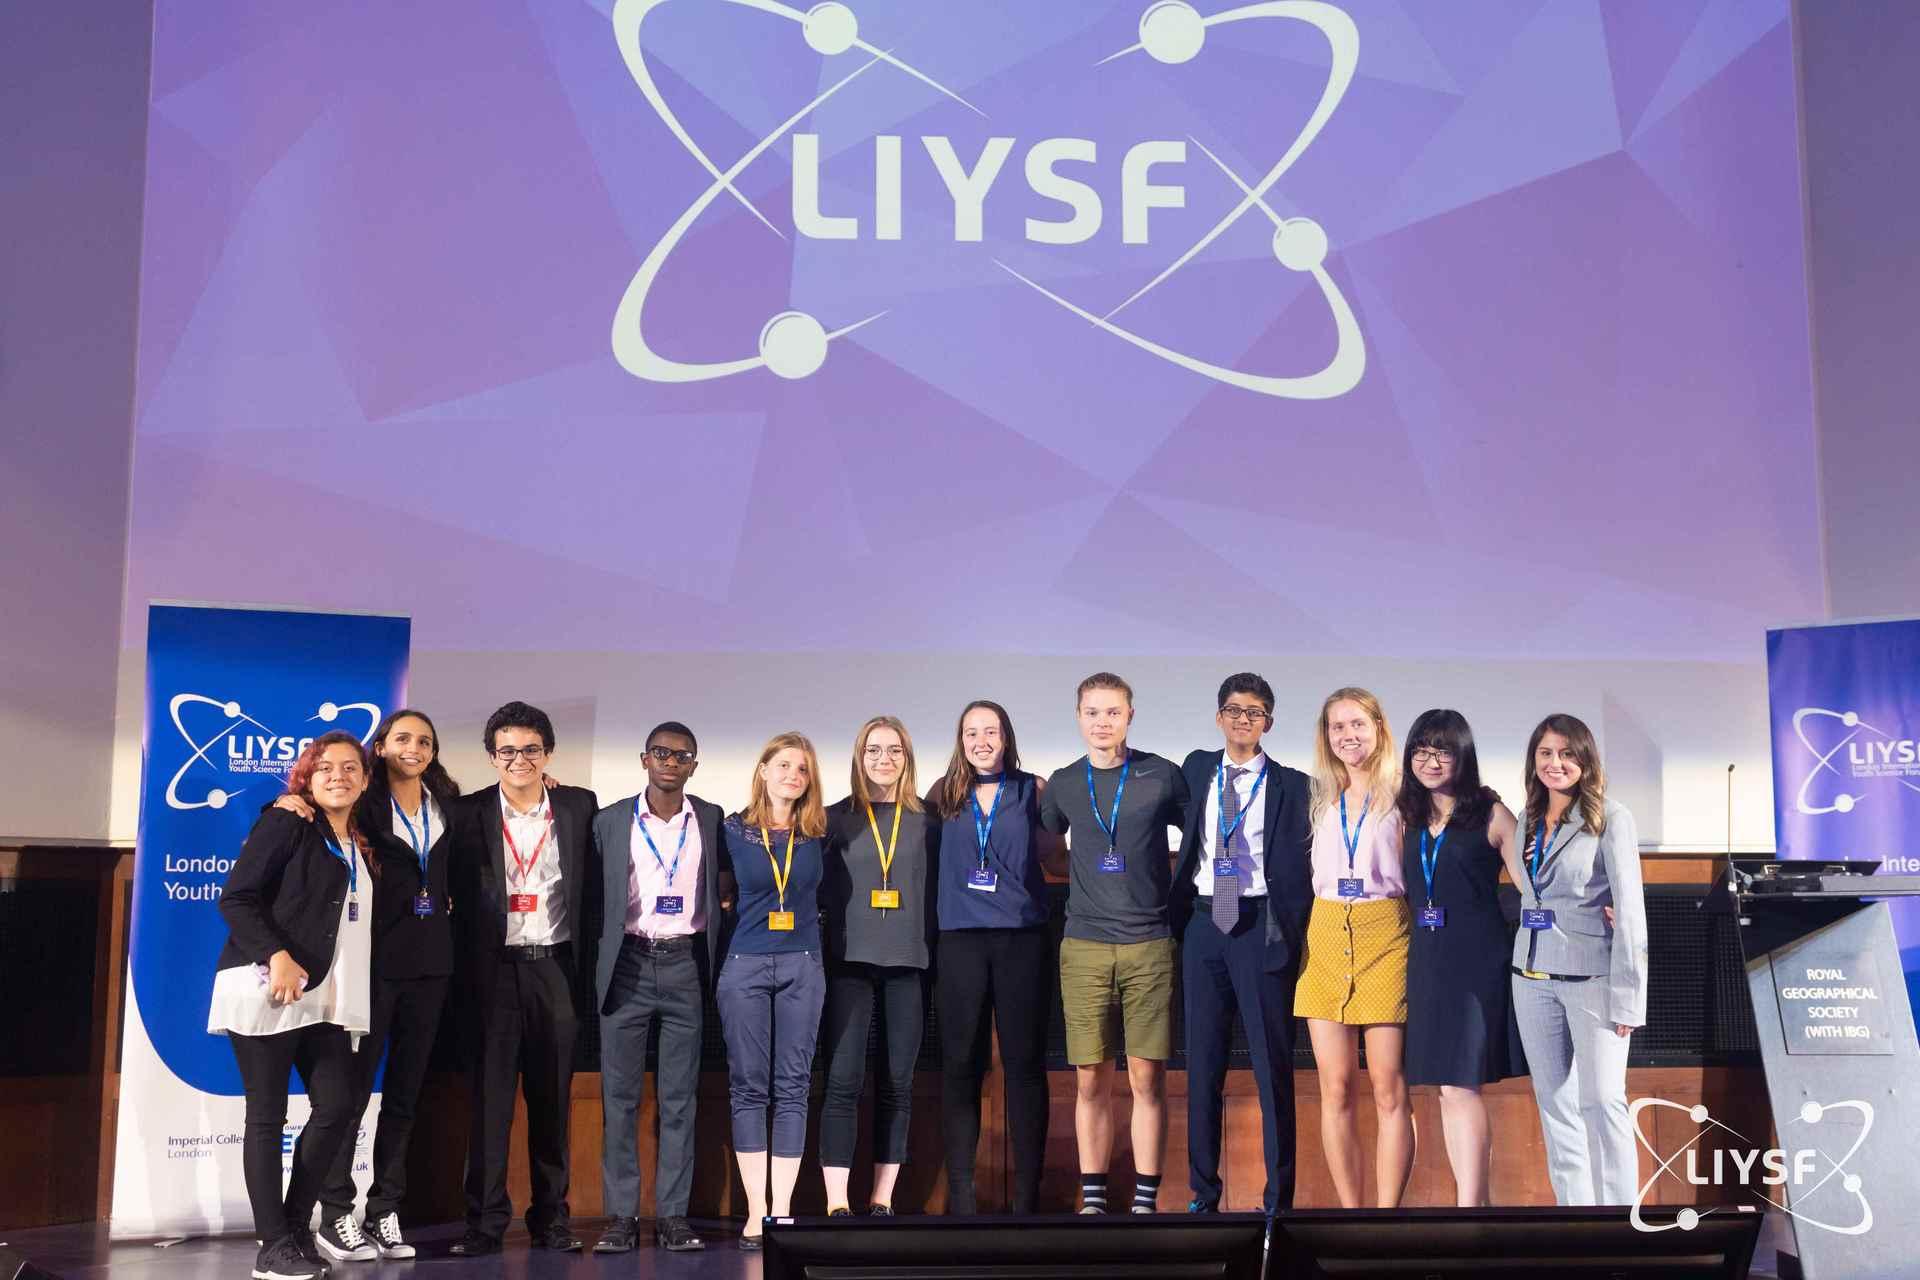 62nd Hybrid LIYSF 2021 STEM programme